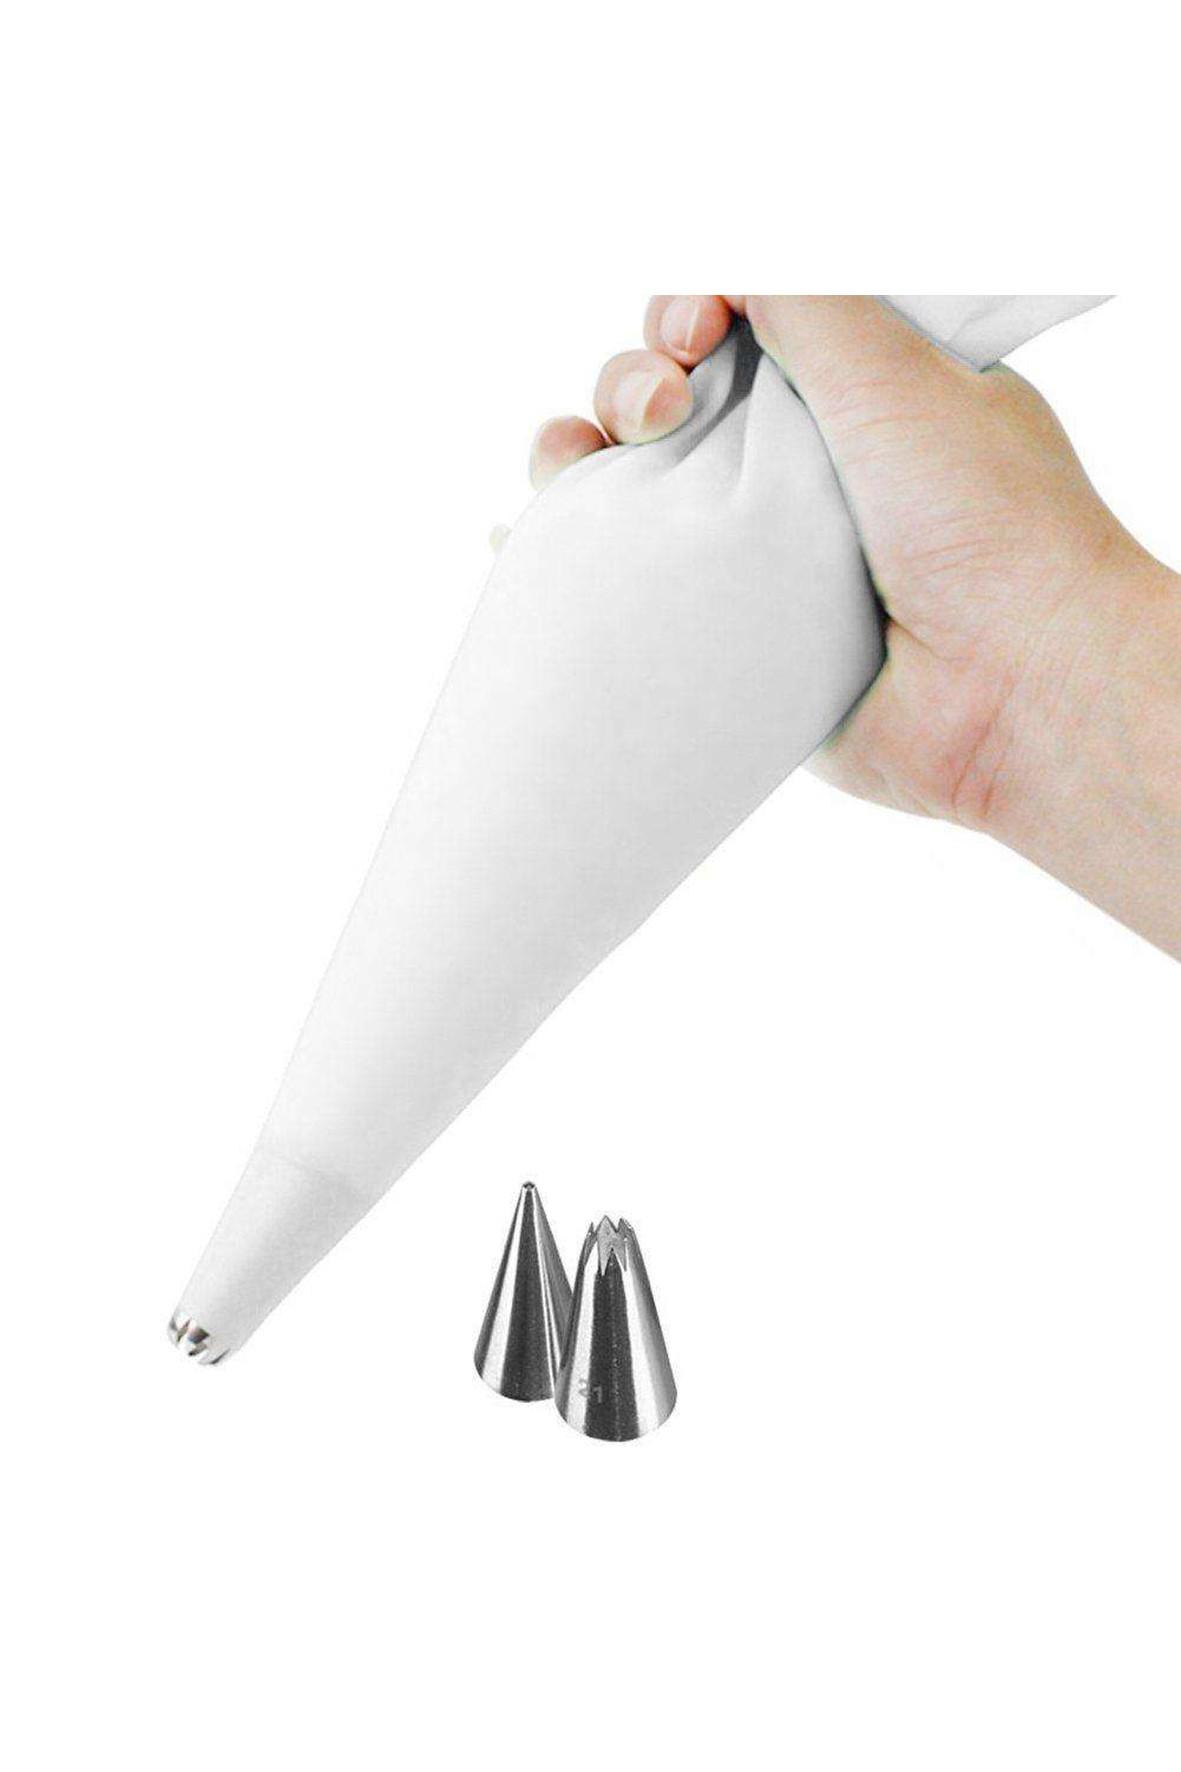 Rękaw cukierniczy silikonowy + tylki końcówki 2 sztuki